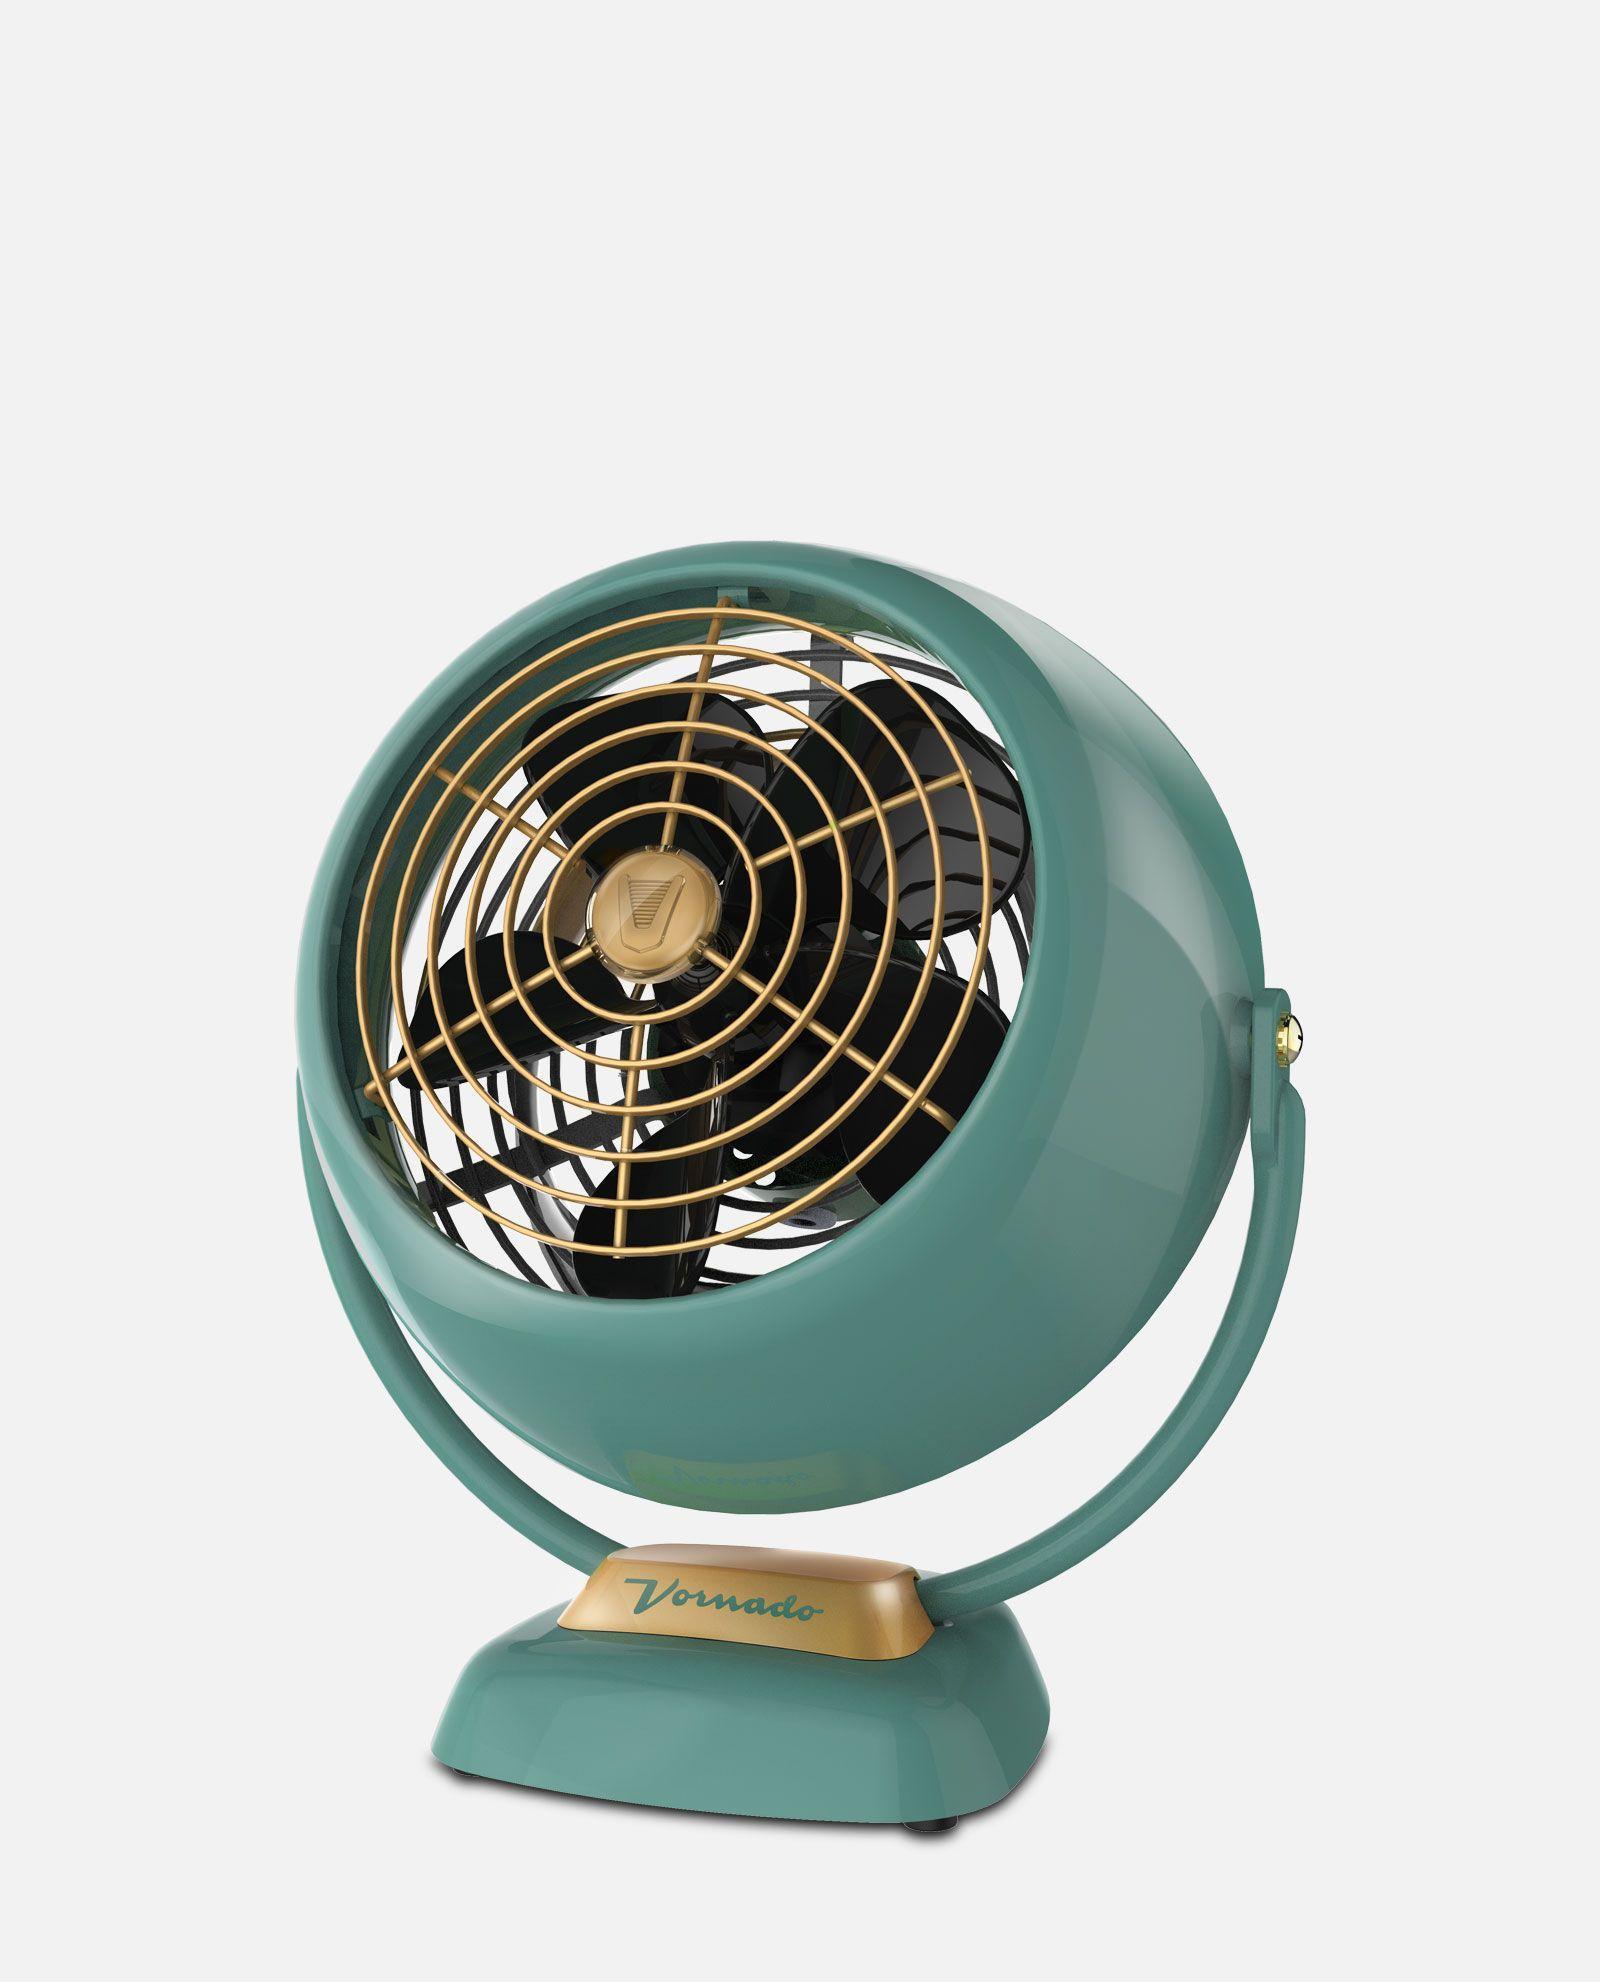 Vornado Air Circulators Clip On : Vfan jr vintage air circulator vornado